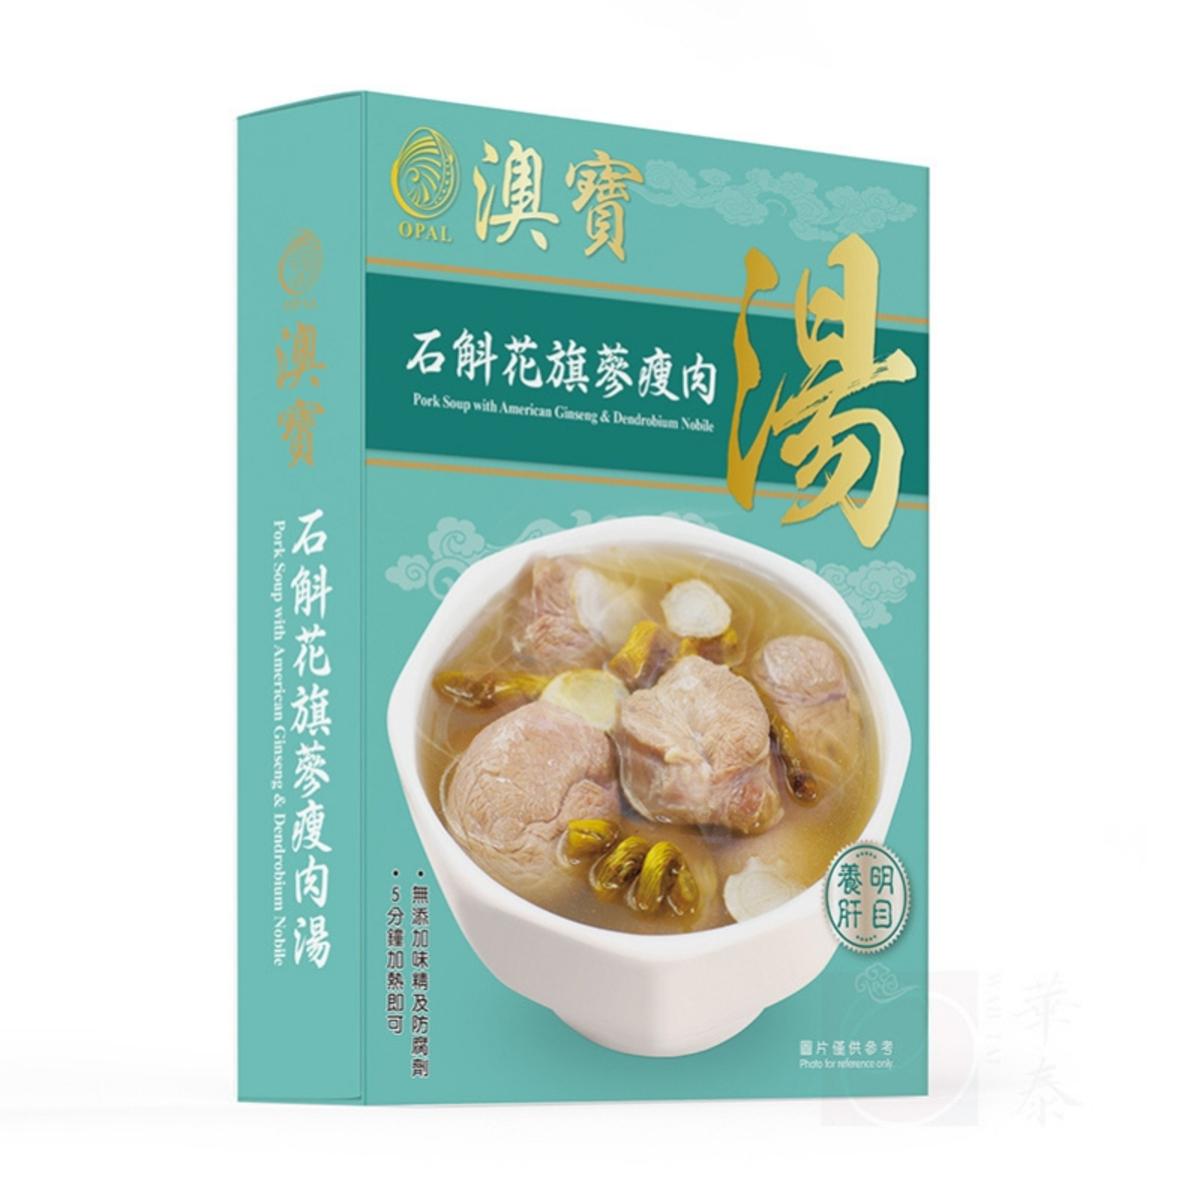 石斛花旗蔘瘦肉湯 即食 養生 老火湯